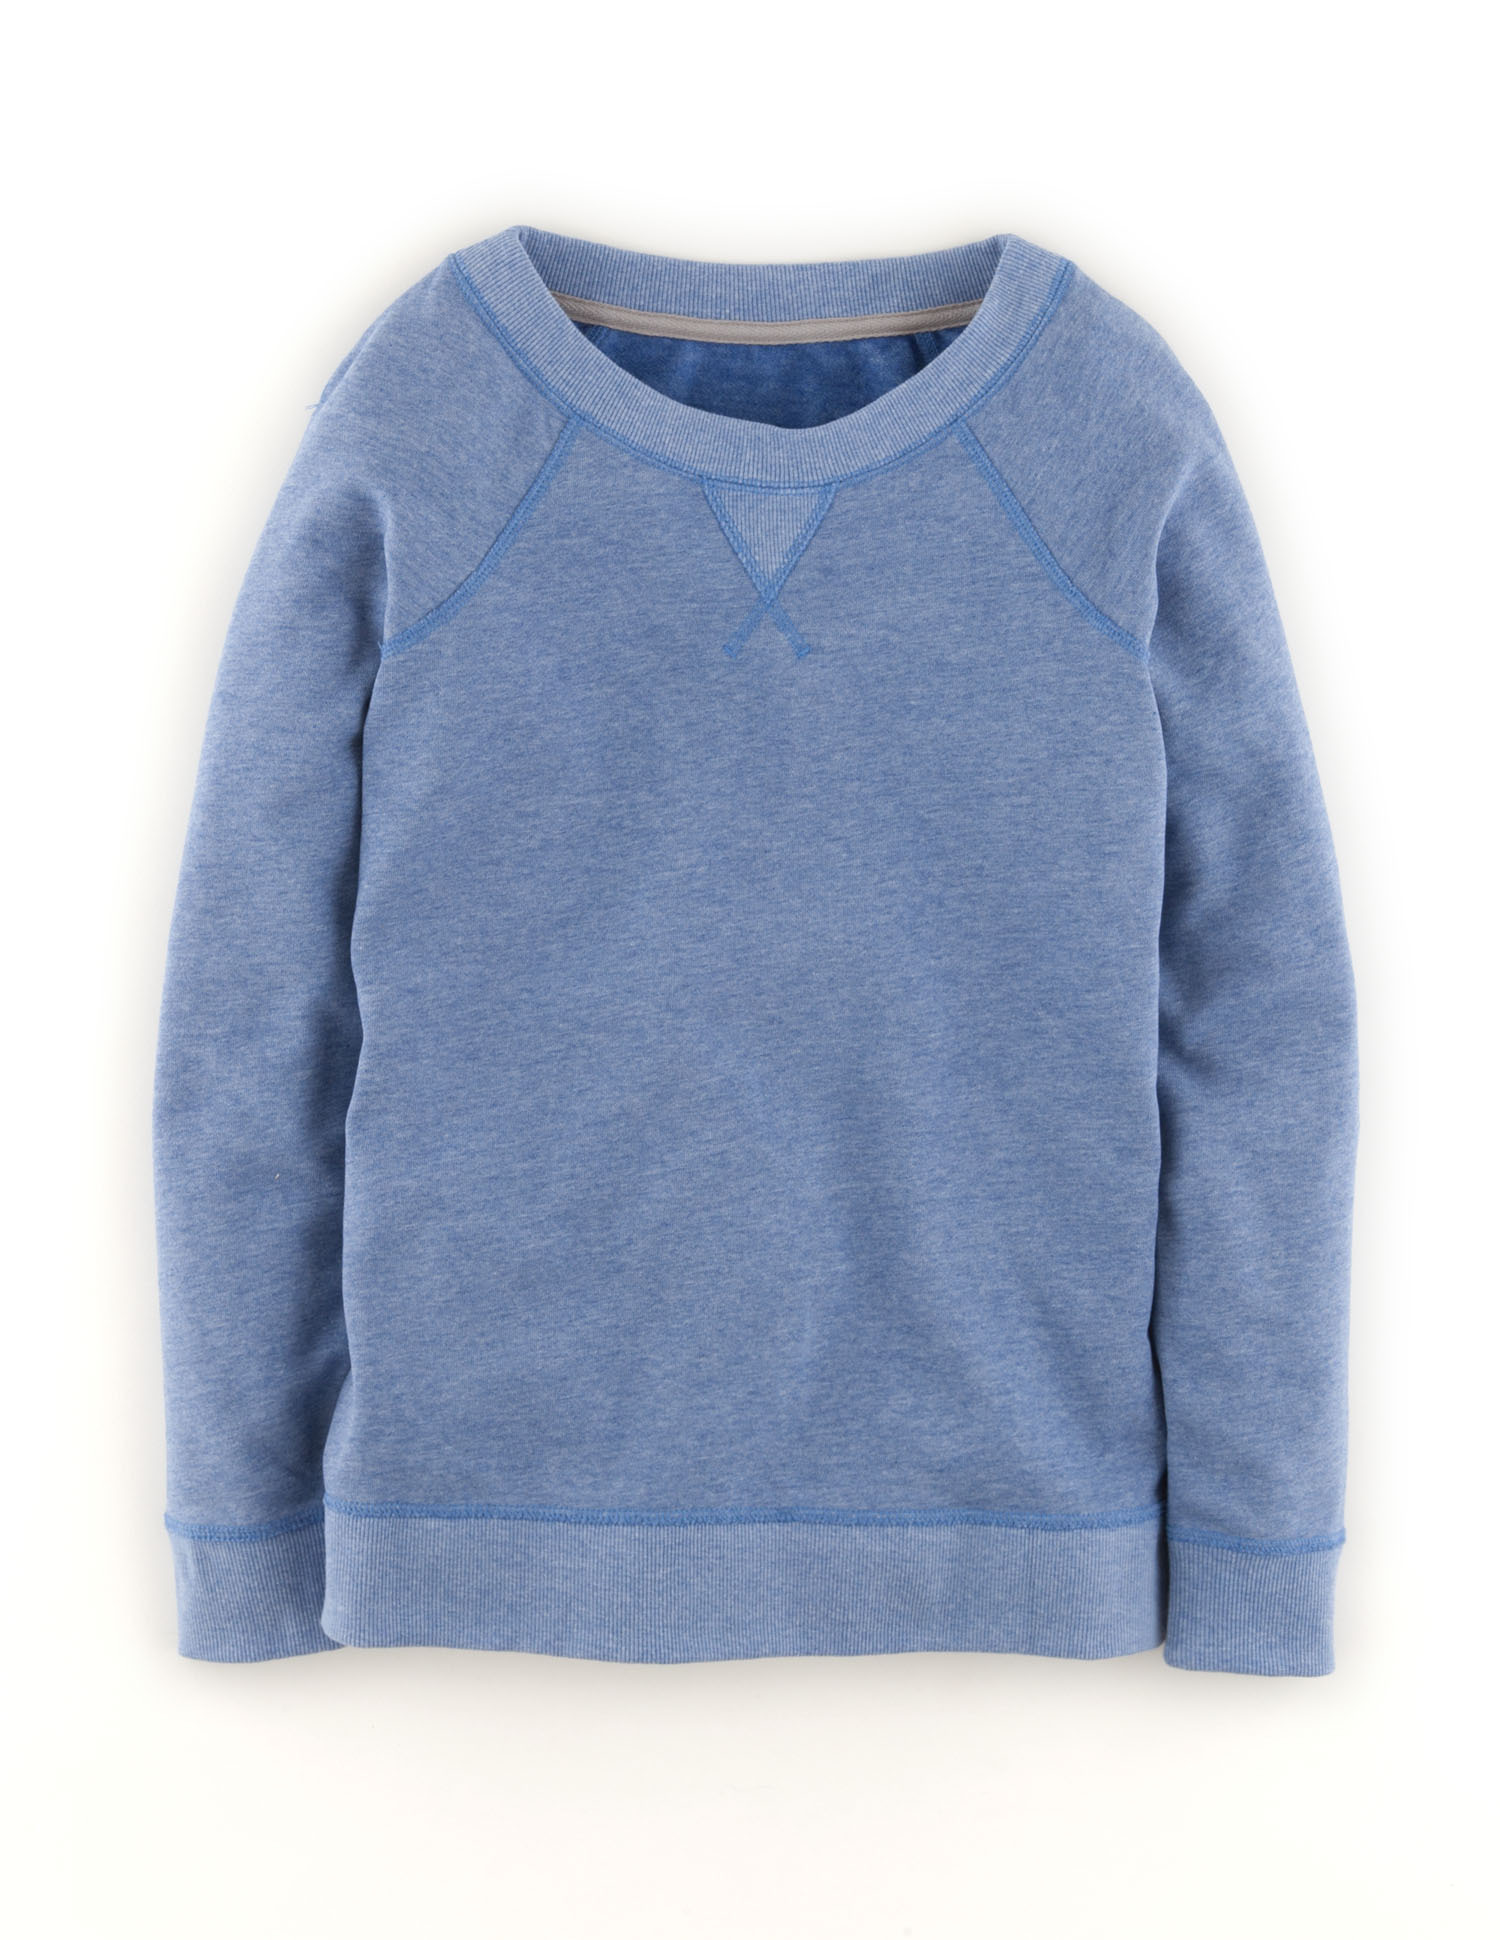 Raglan Sweatshirt (Blues Painted Floral)